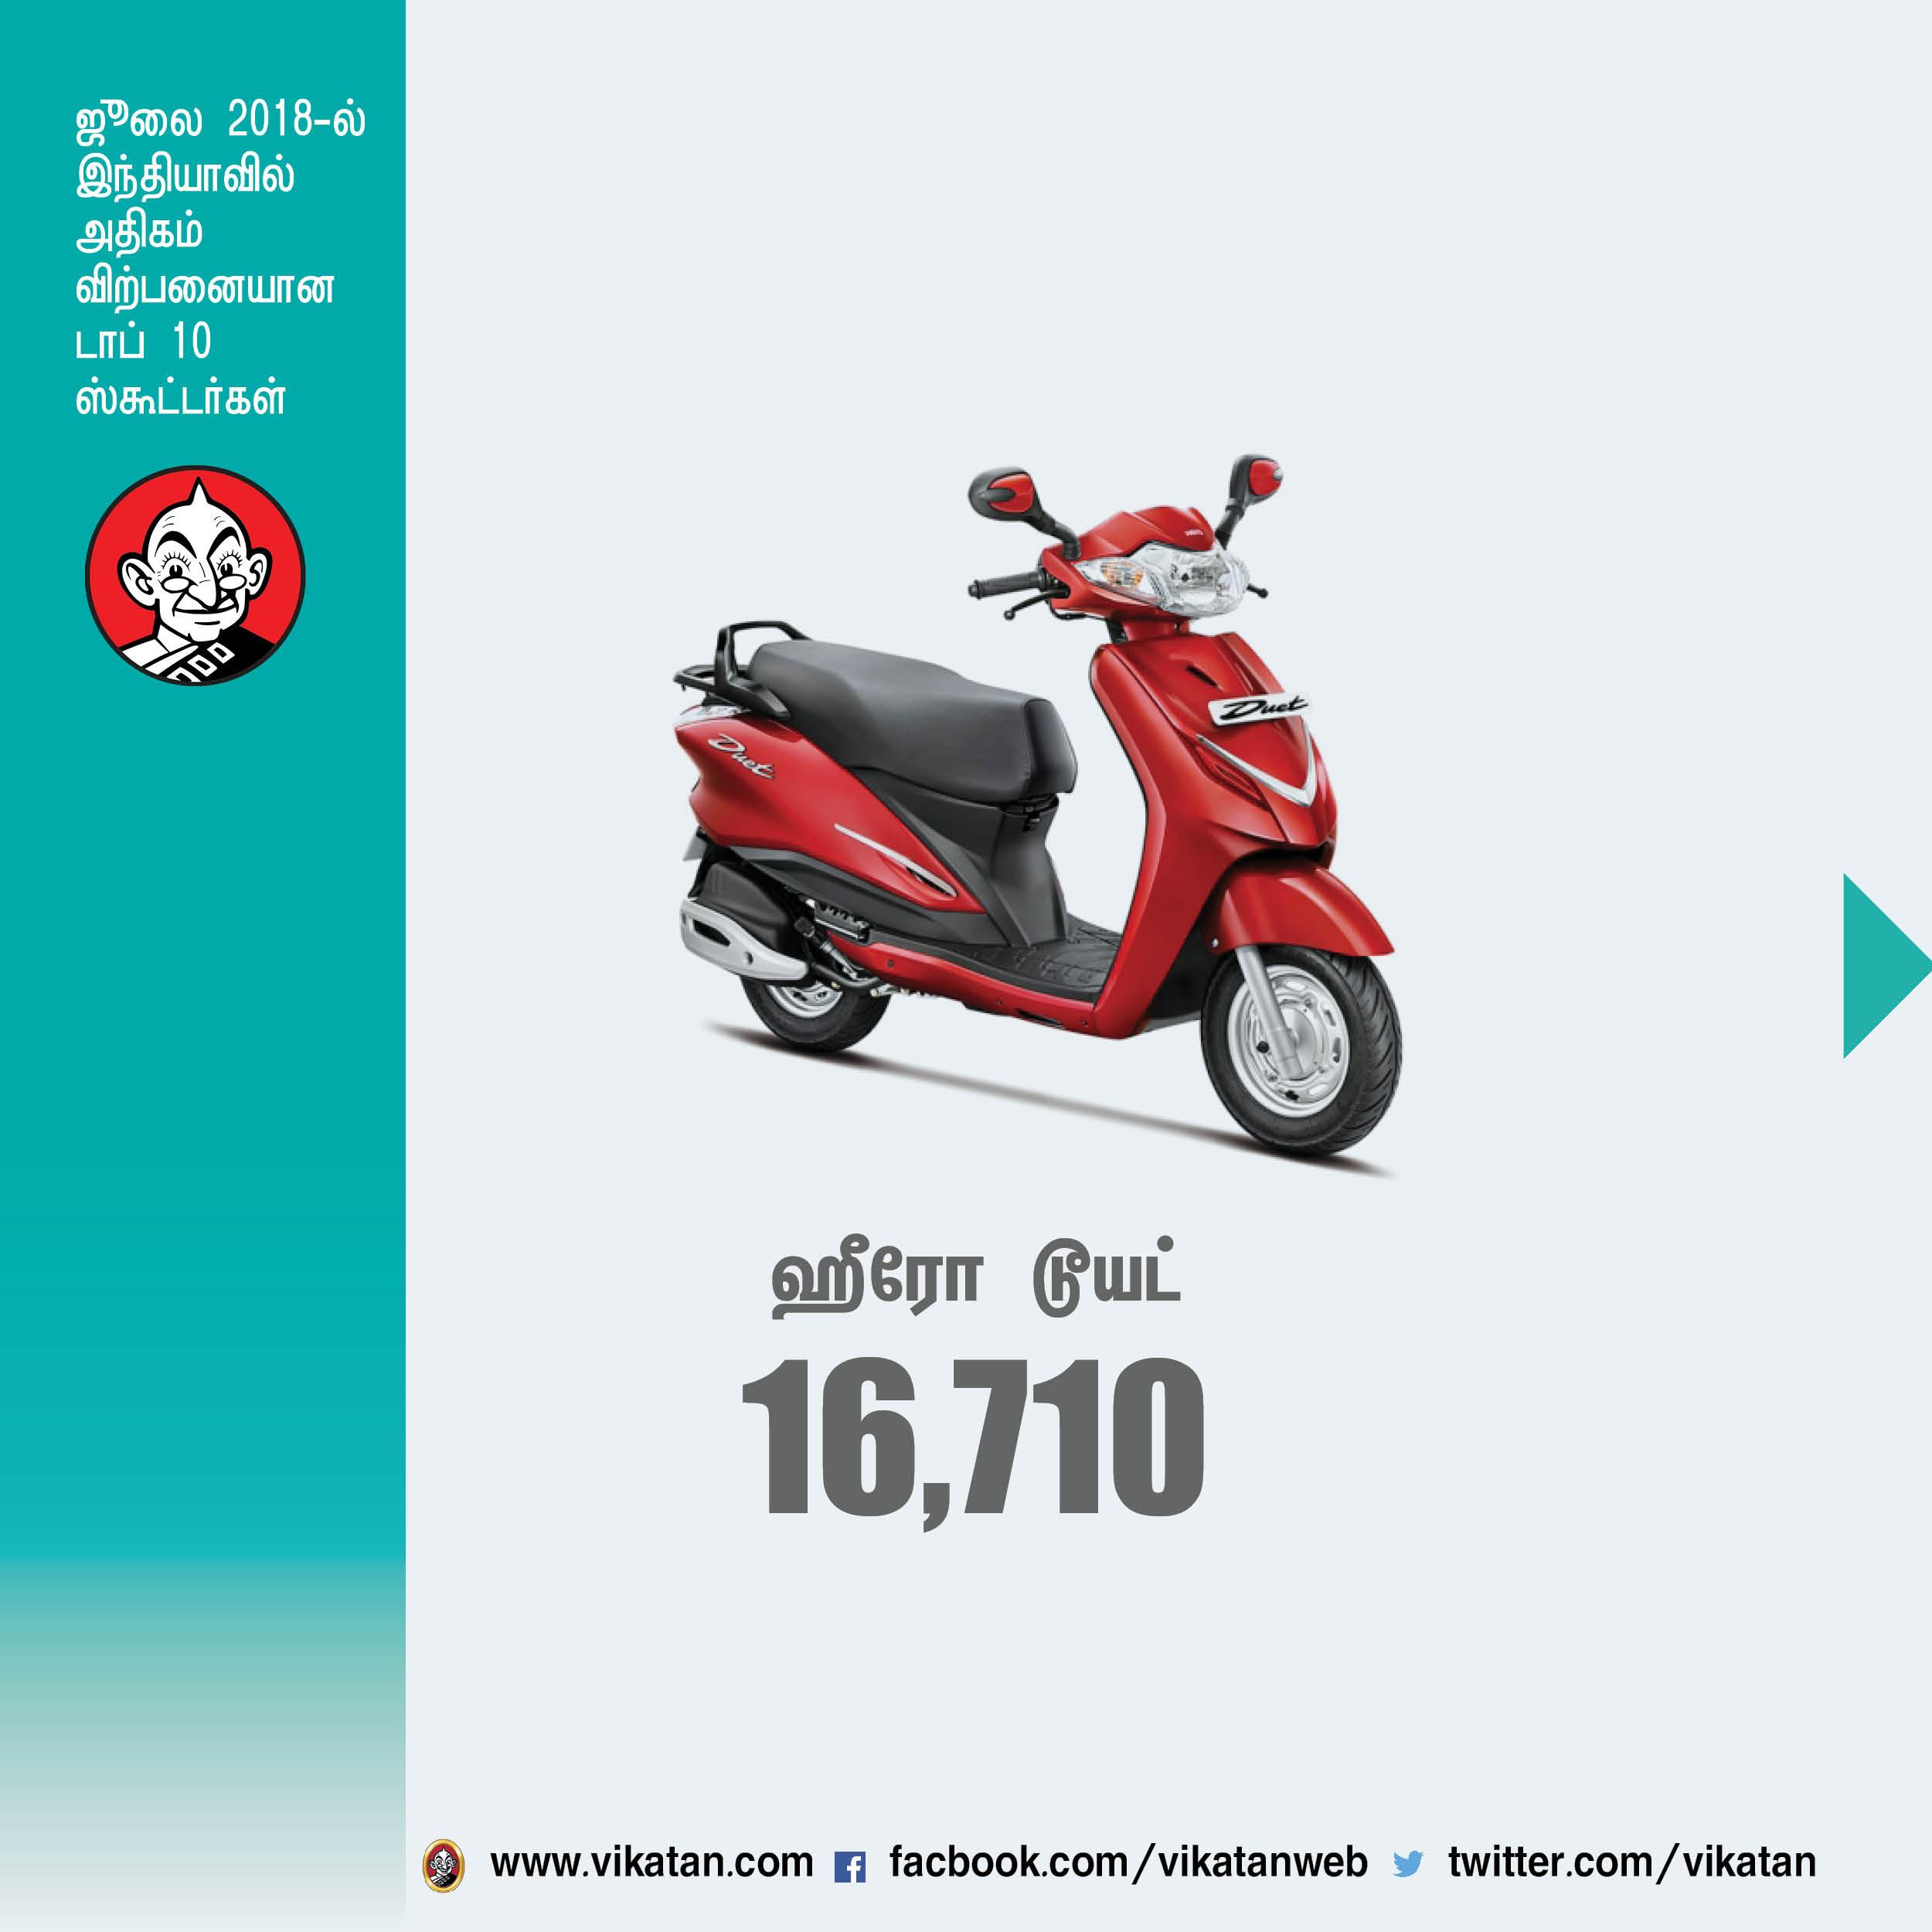 ஜூலை மாதம் இந்தியாவில் அதிகம் விற்பனையான டாப் 10 ஸ்கூட்டர்கள்! #VikatanPhotoCards